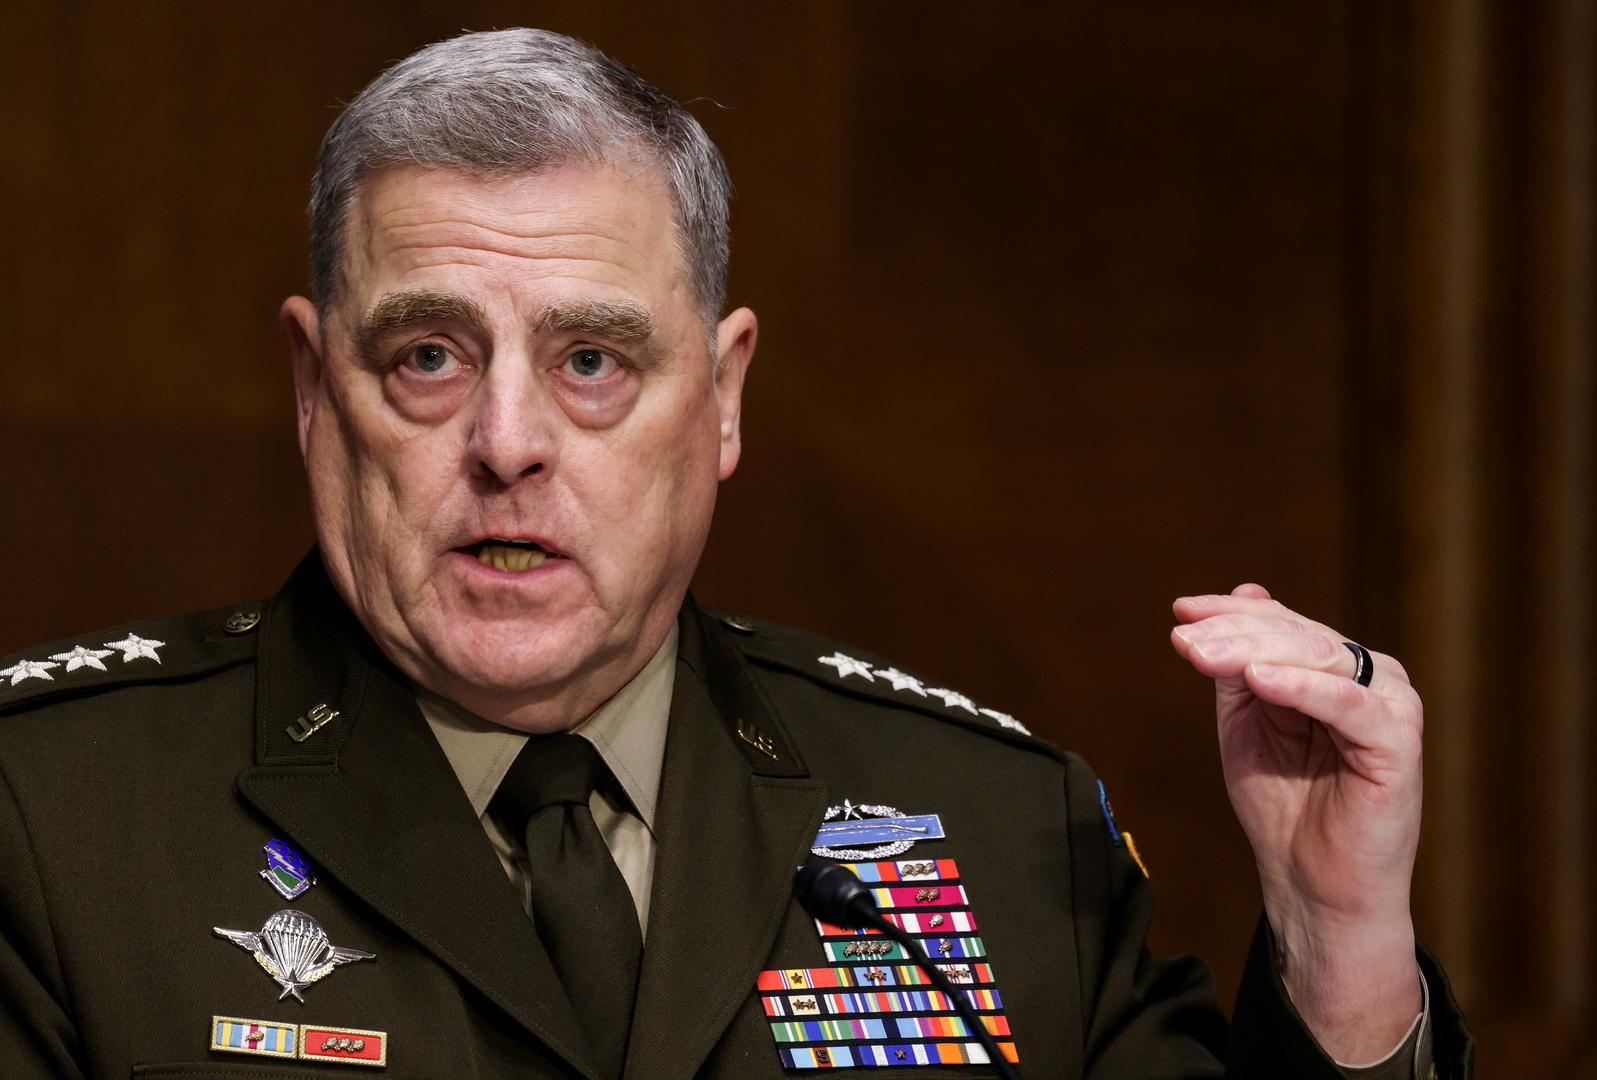 تقرير: الولايات المتحدة تطلب من روسيا استخدام قواعدها لمراقبة تهديد الإرهاب الأفغاني